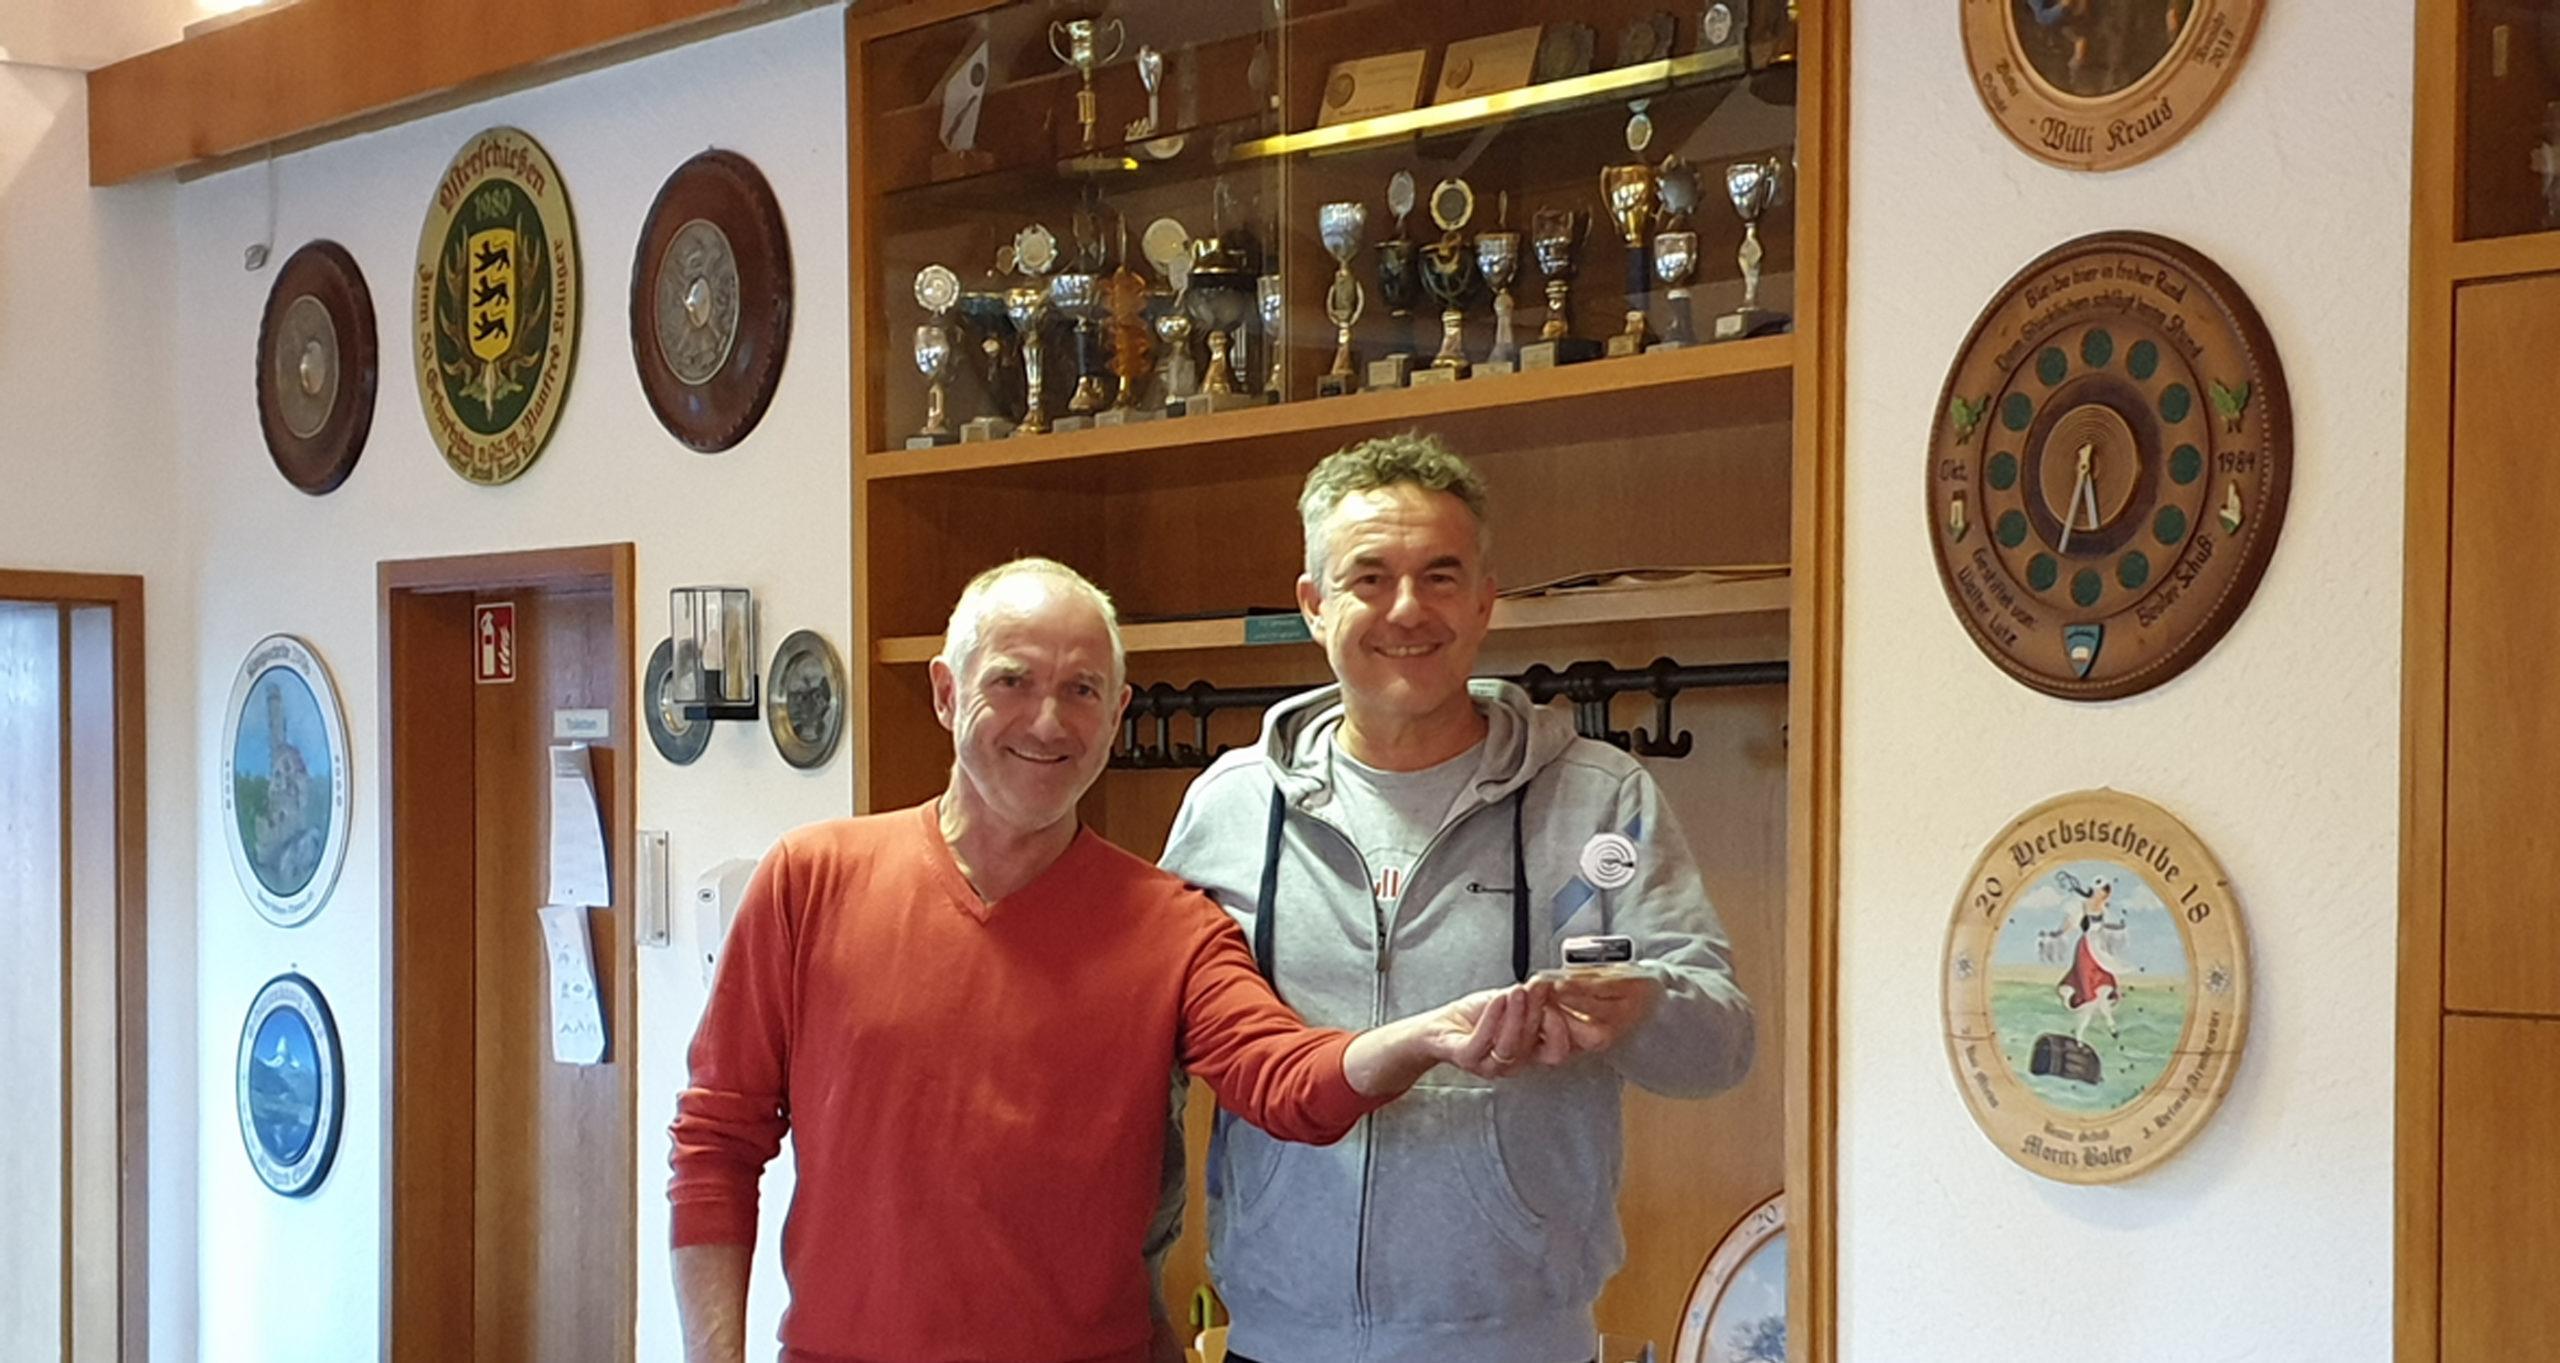 Jogi Mayer und Voker Bertsch mit dem Pokal